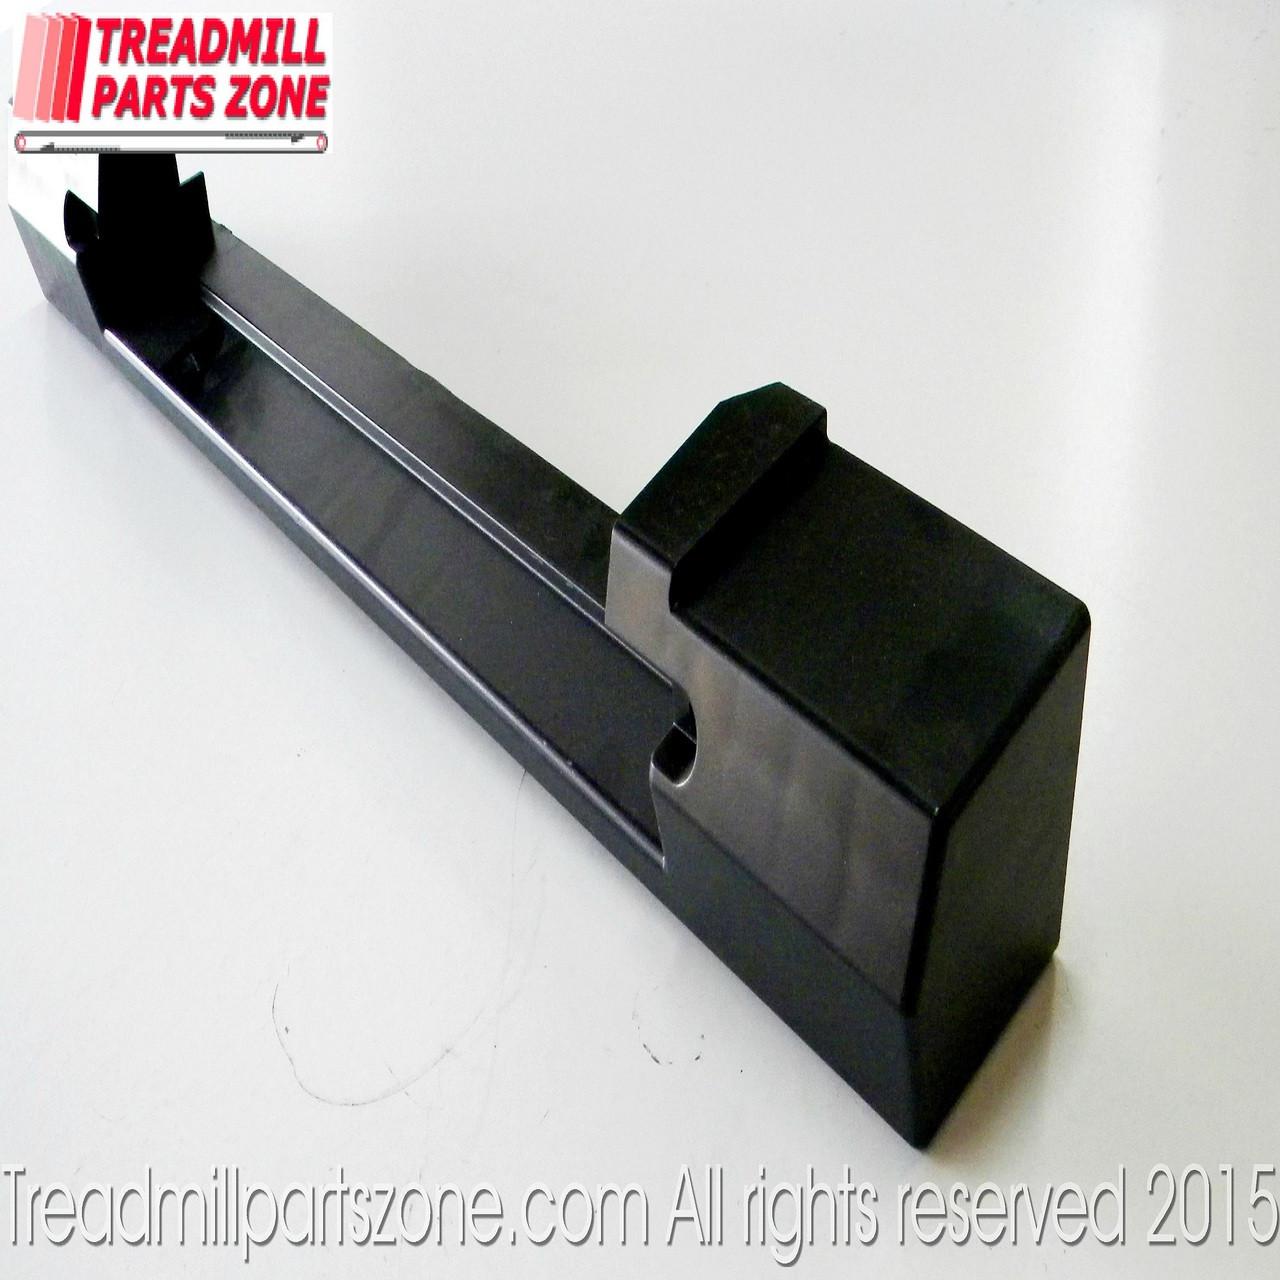 Proform Treadmill Model Petl53510 535 Rear Endcap Part 155809